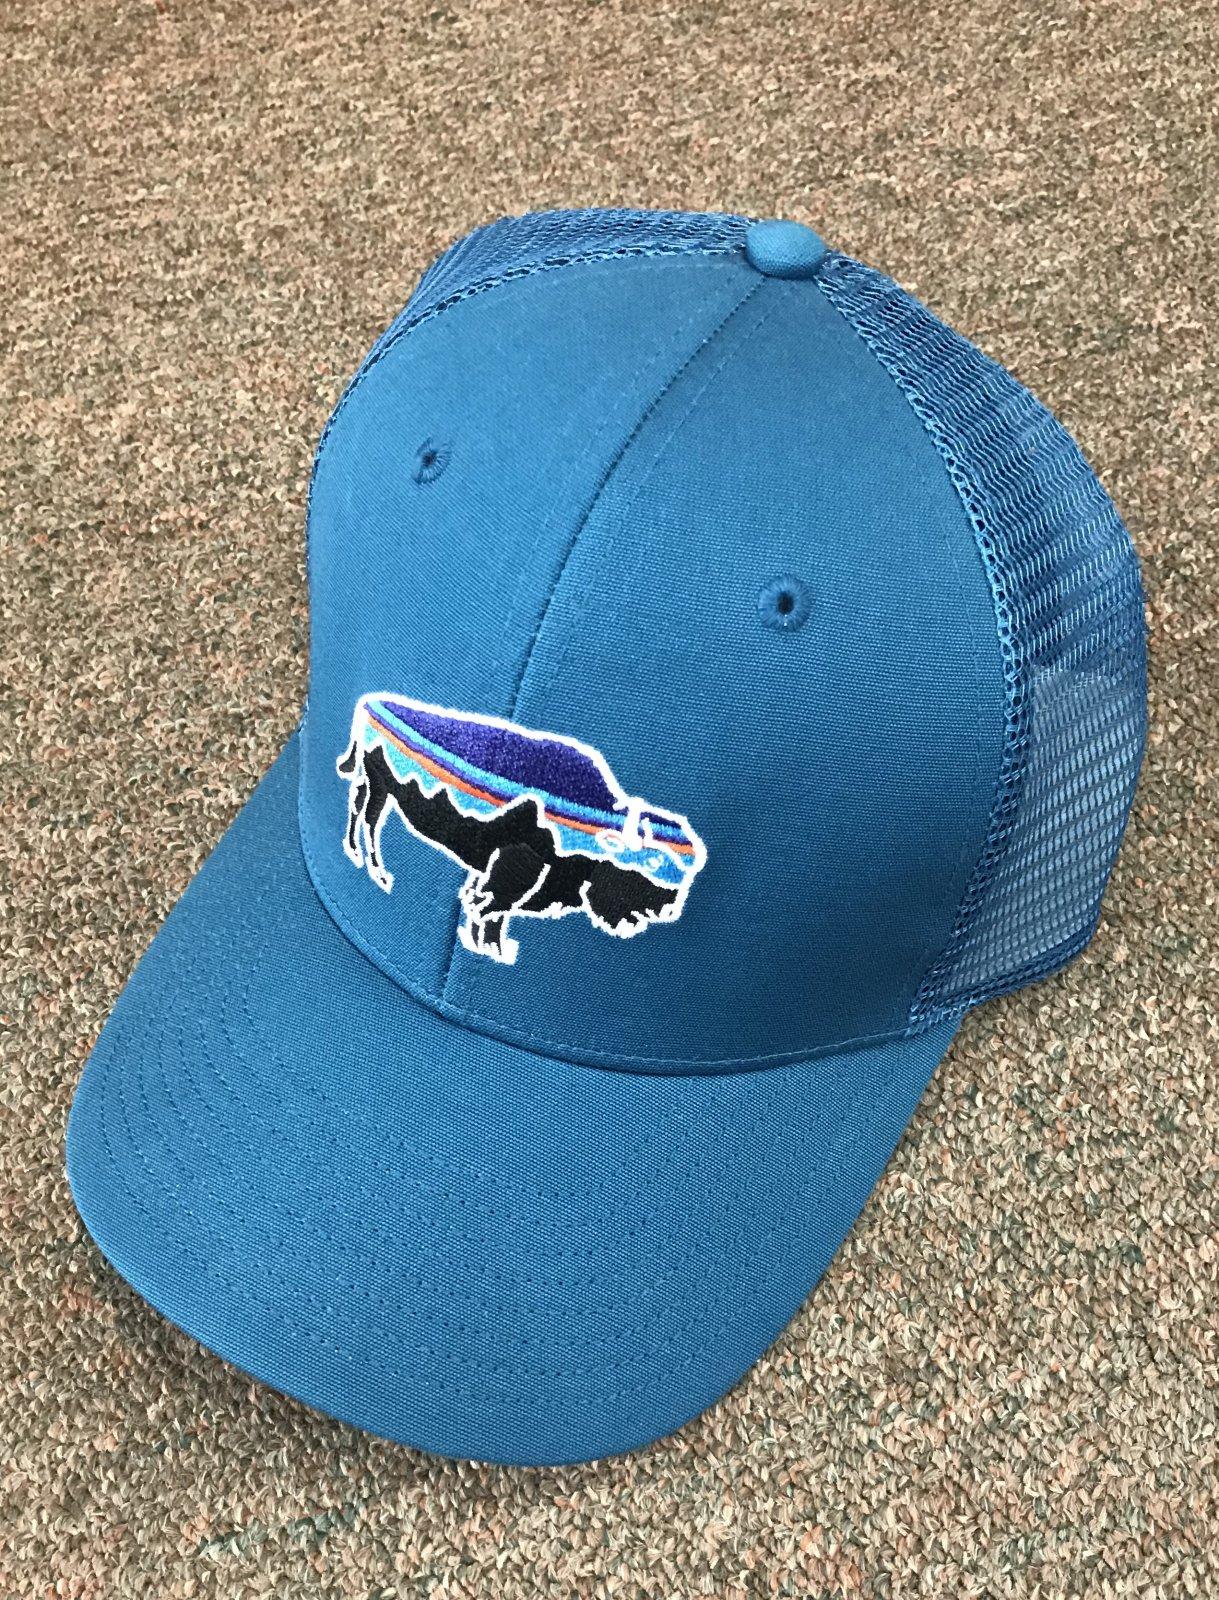 Patagonia Fitzroy Bison Trucker Hat